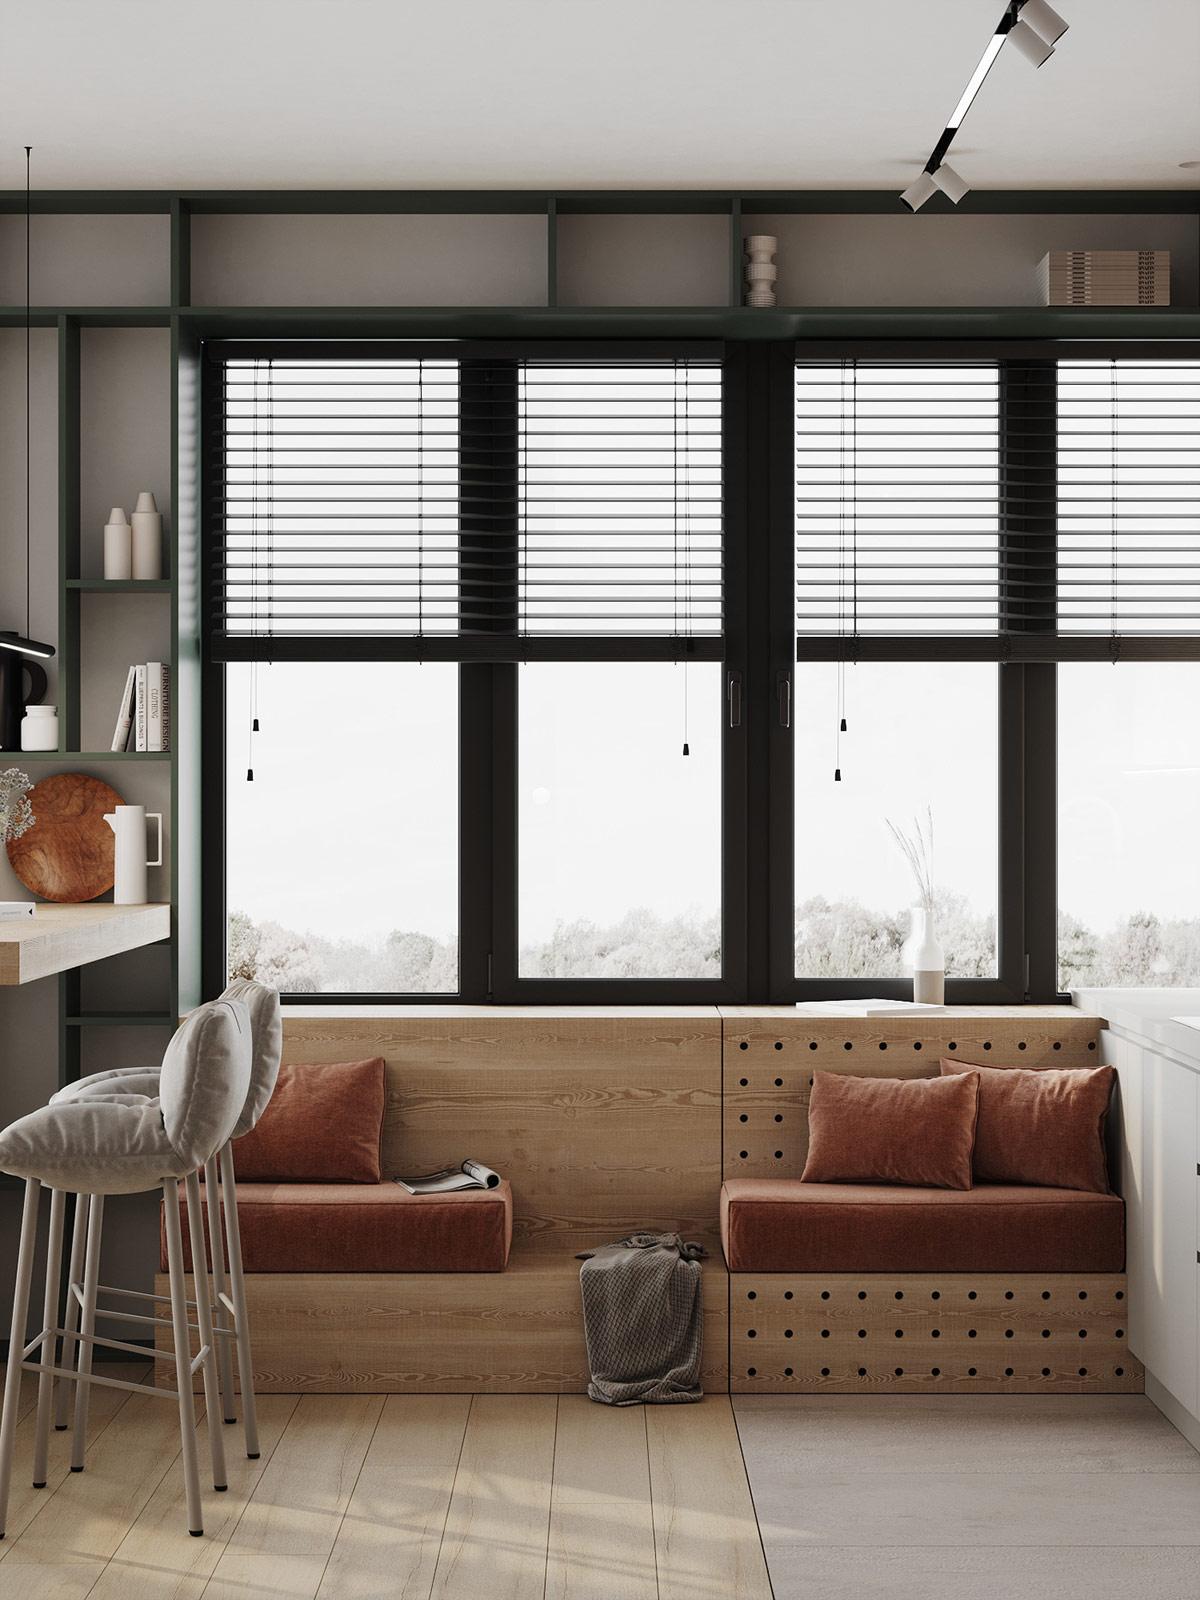 褐色+绿色,别致的现代感! 1居室也高端